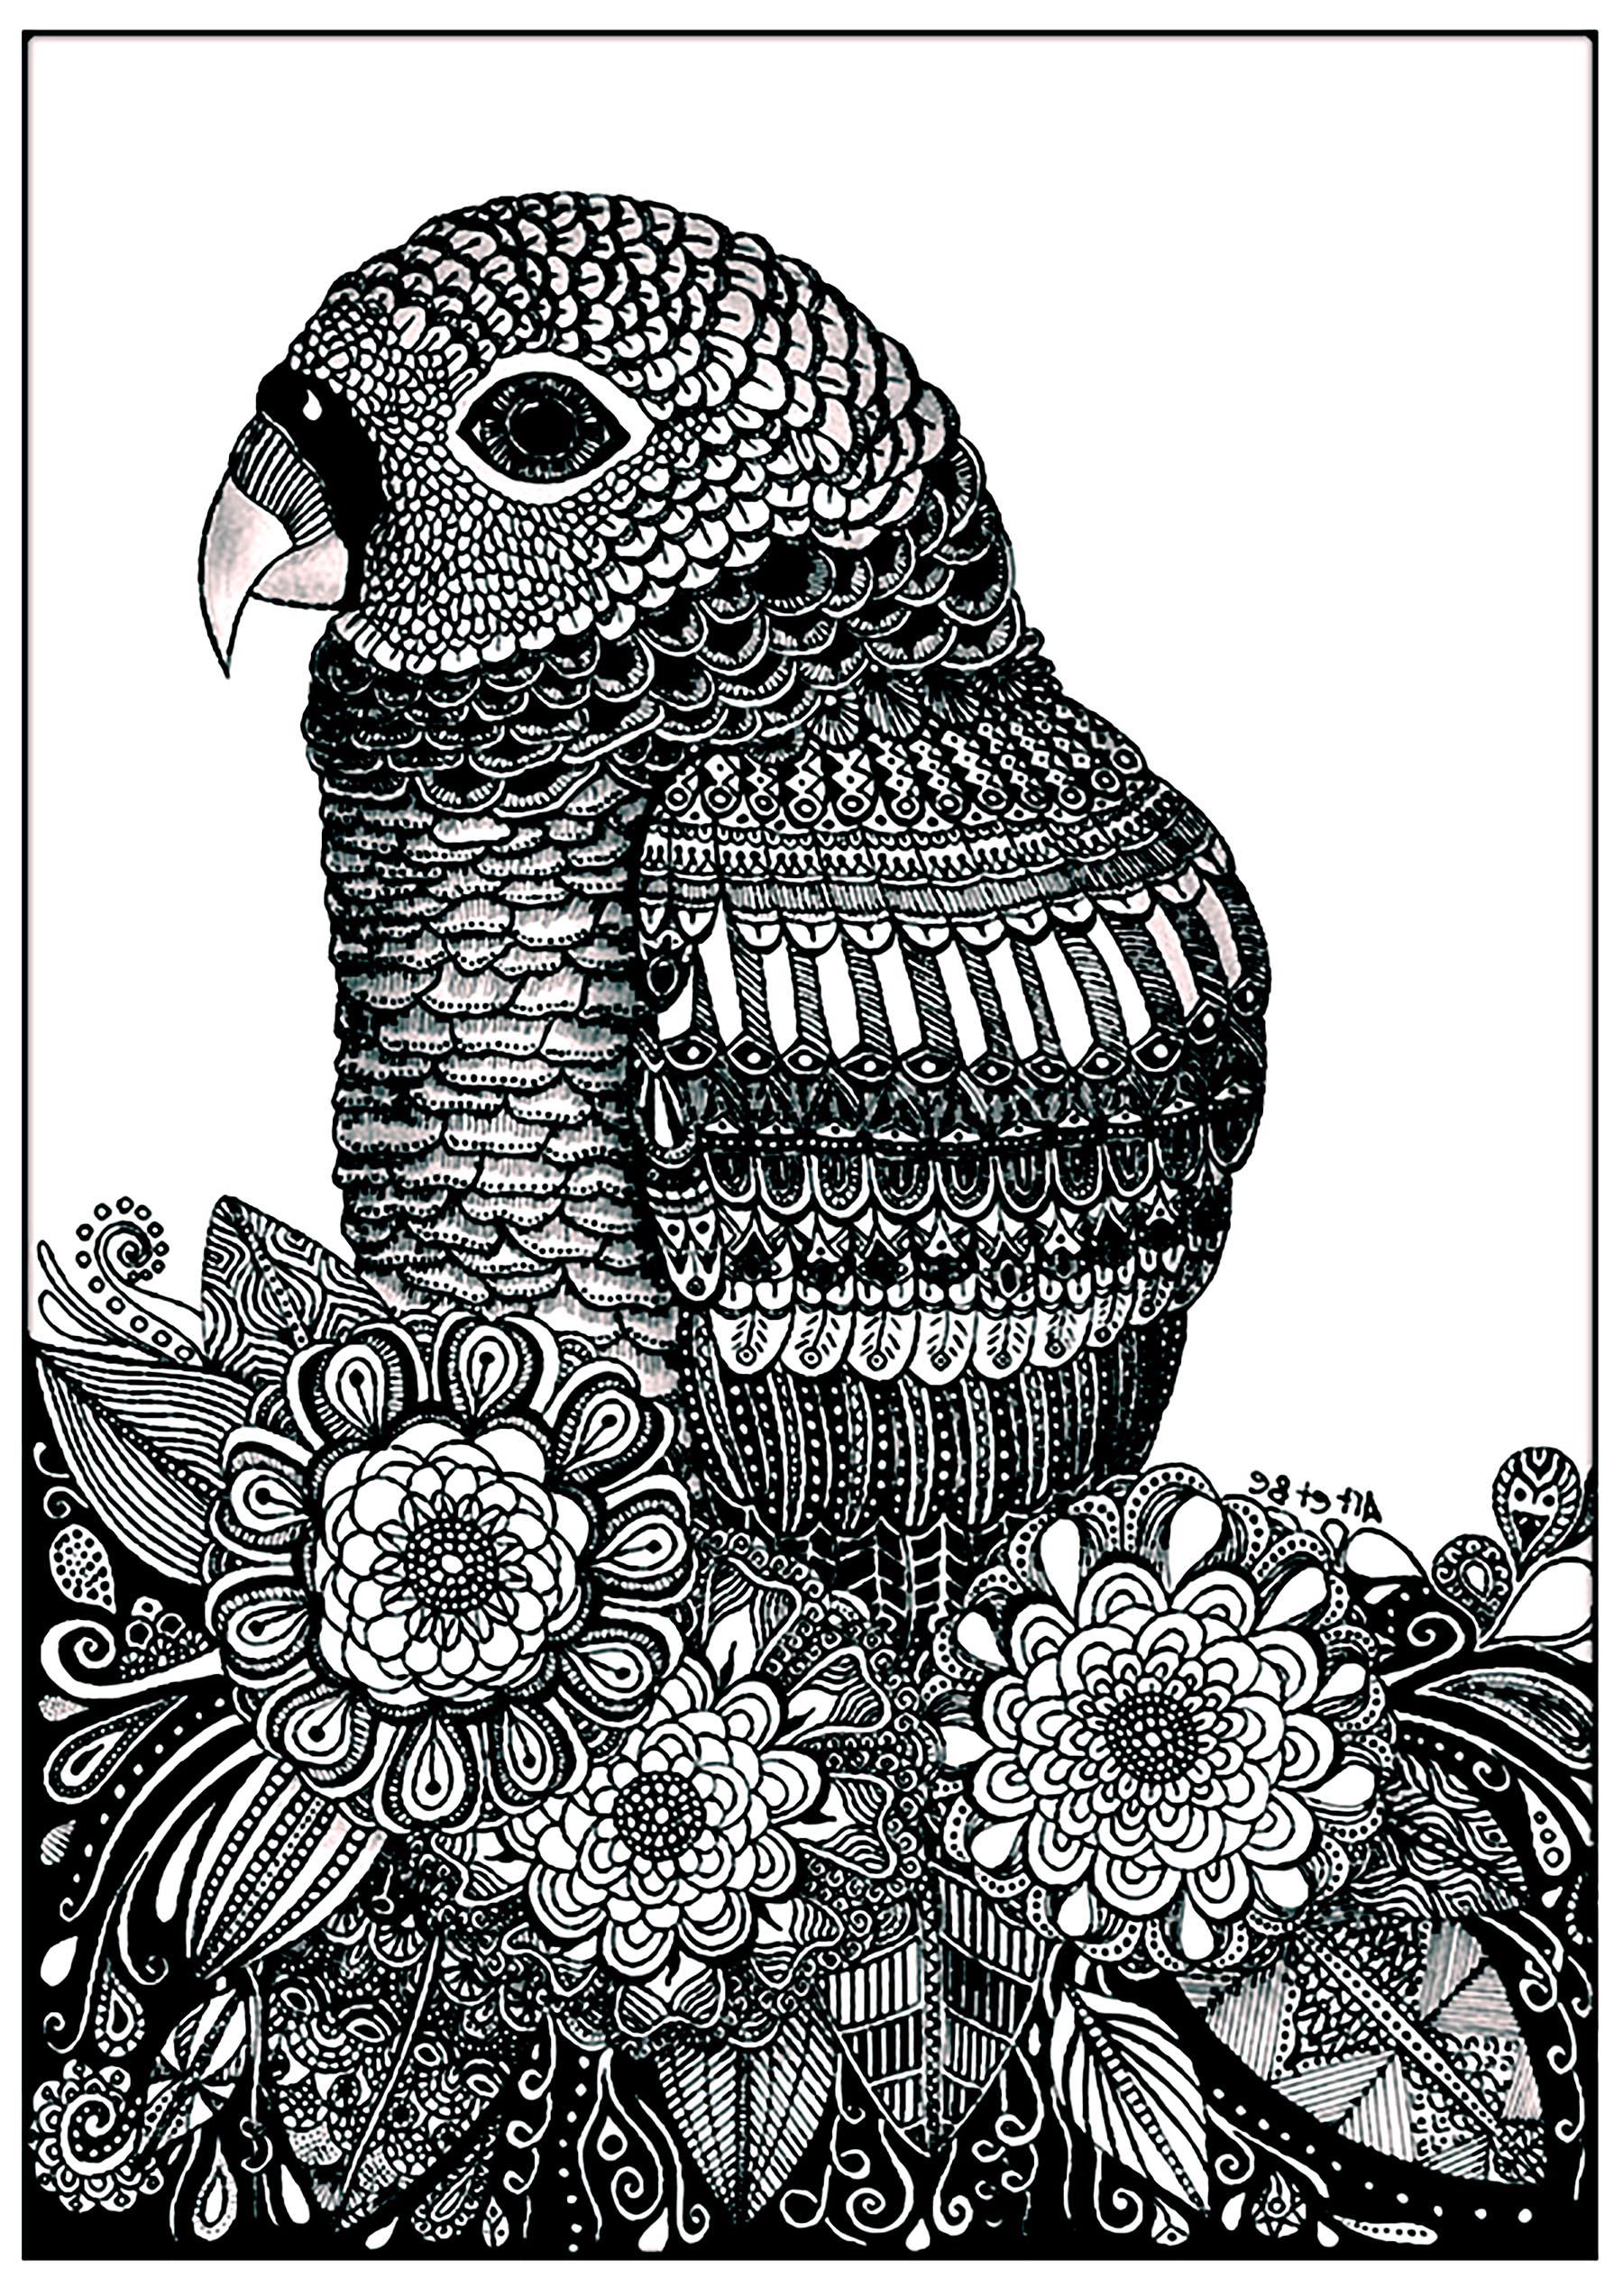 Disegni da colorare per adulti : Uccelli - 4